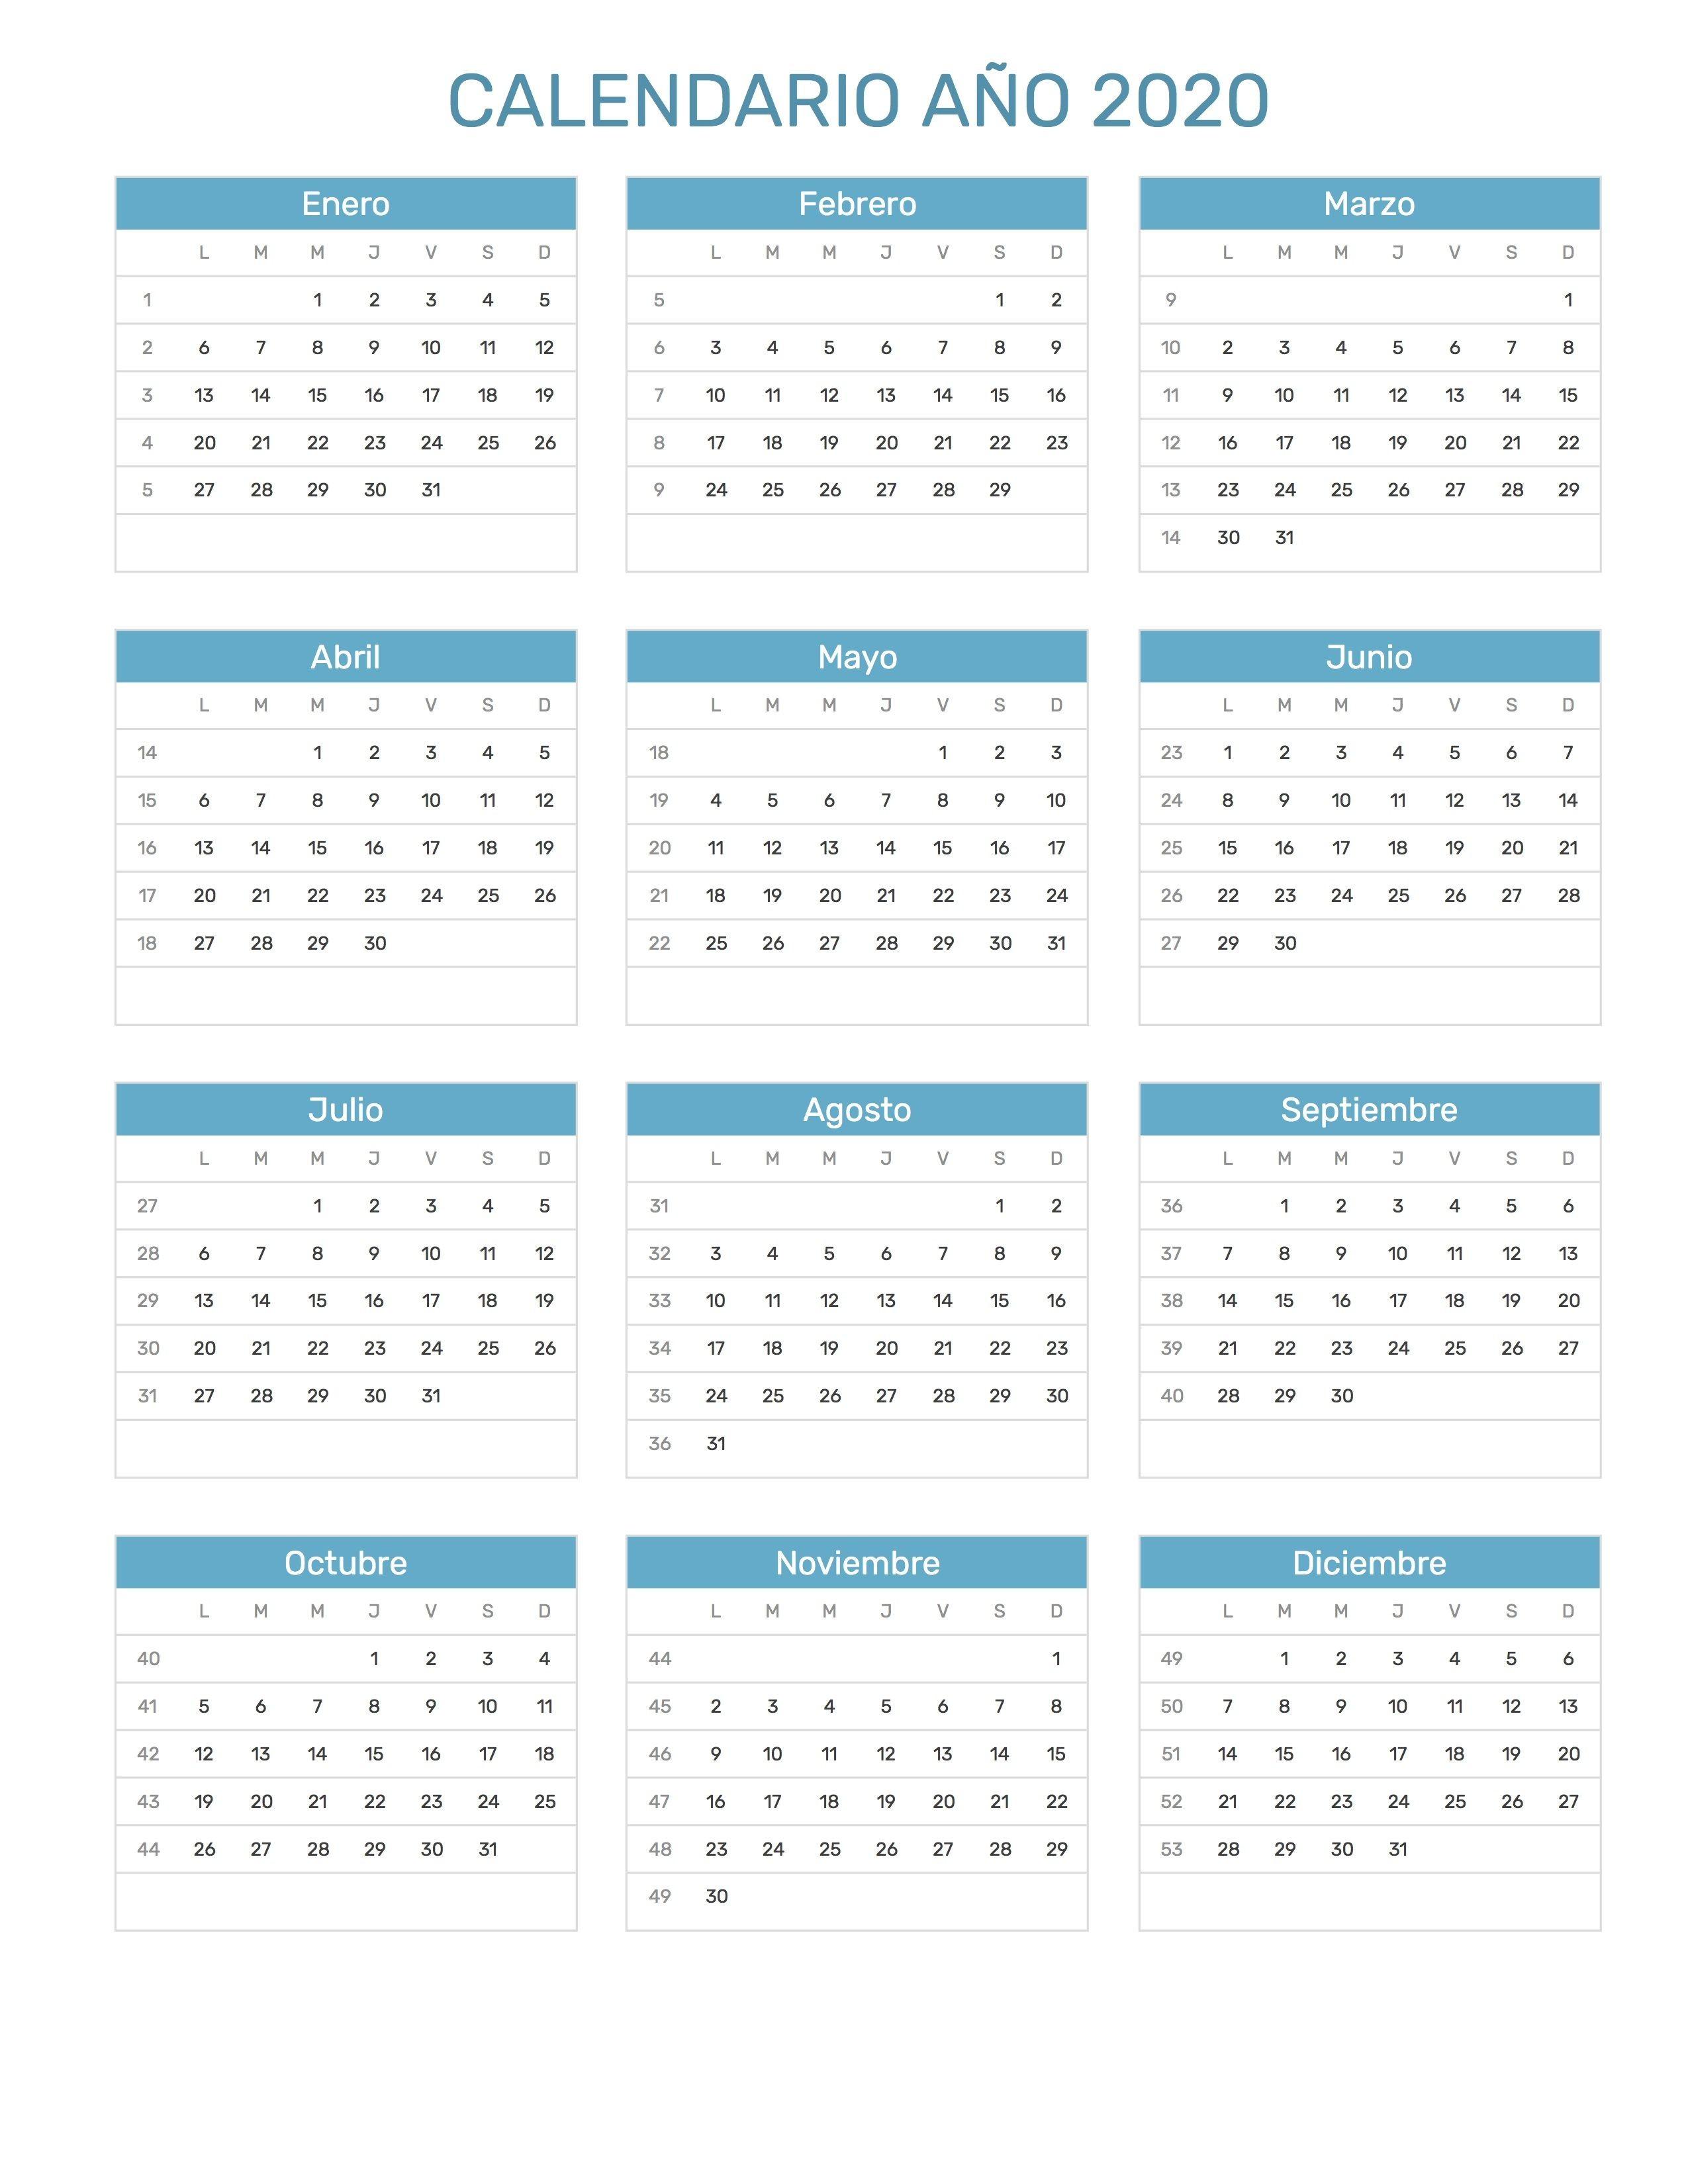 Calendario 2019 Chile Imprimir Pdf Recientes Pin De Calendario Hispano En Calendario Con Feriados A±o 2020 Of Calendario 2019 Chile Imprimir Pdf Más Actual 2020 2021 Calendar Printable Template